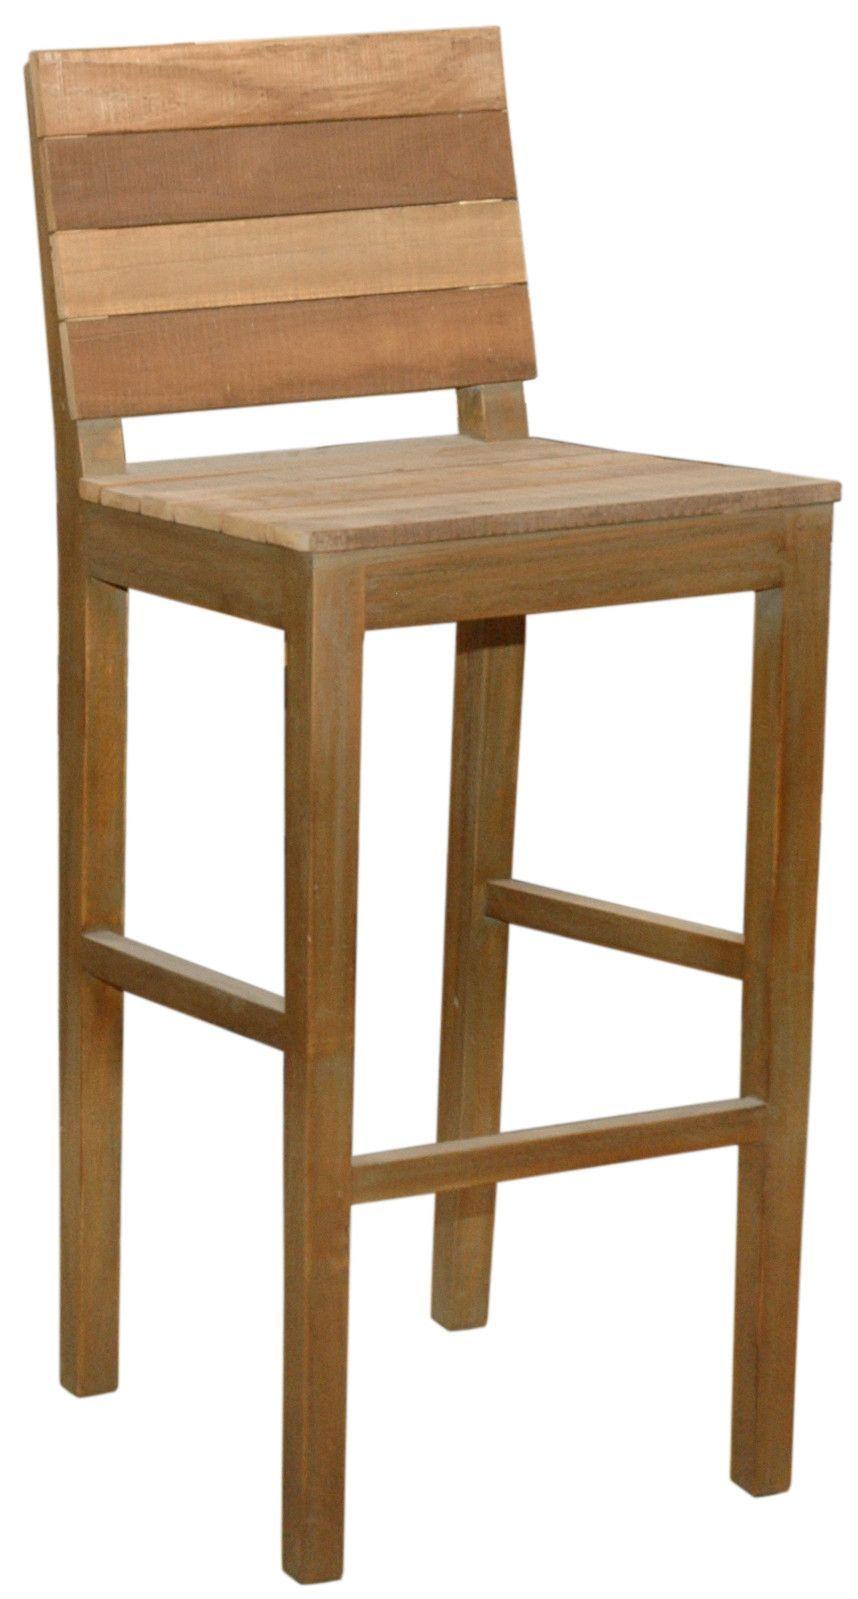 Moza 30 bar stool